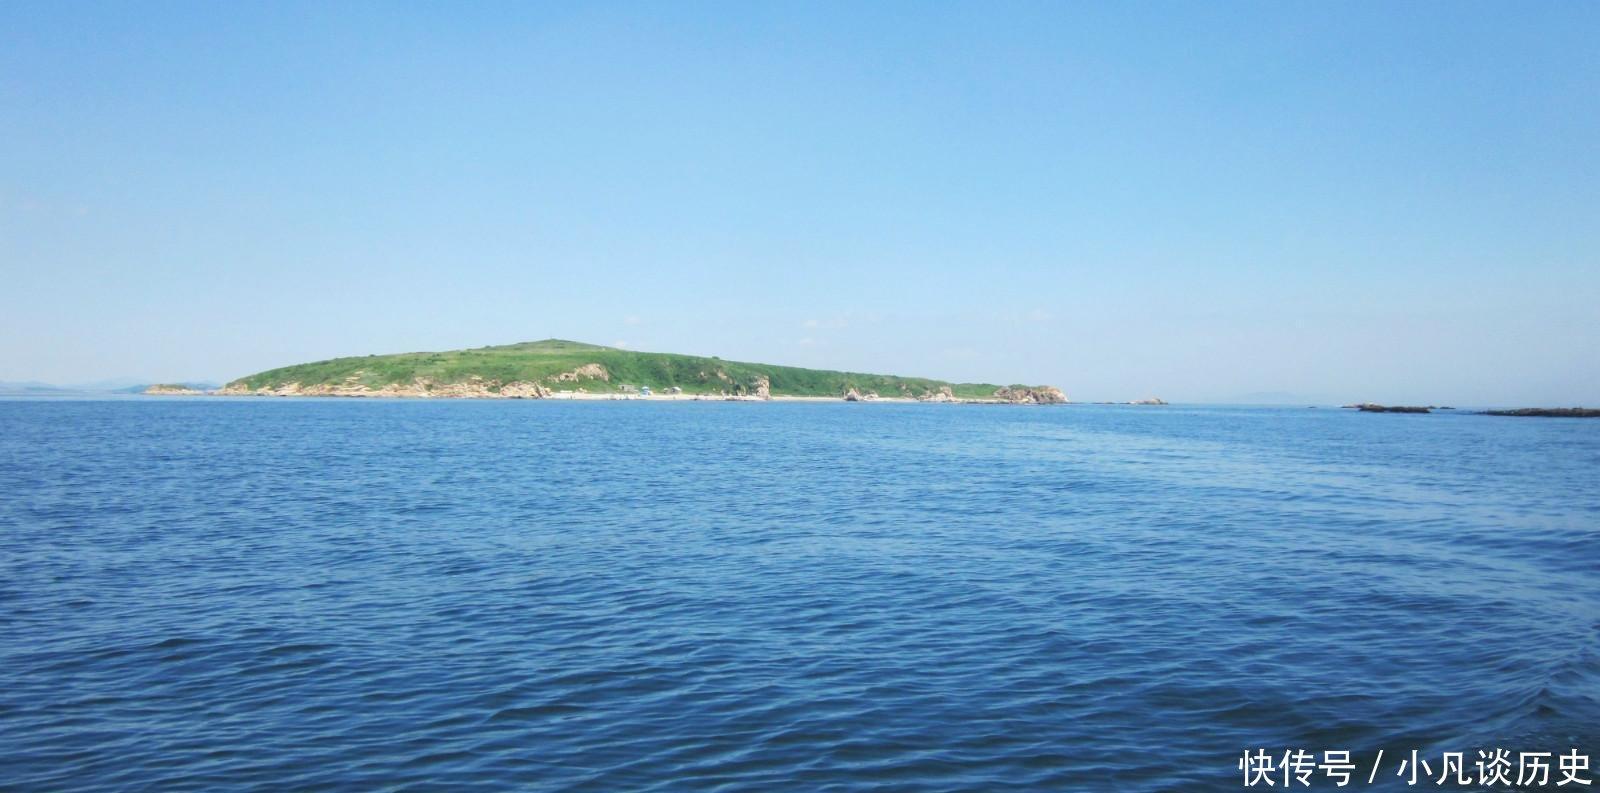 牵制后金■皮岛只是个面积不大的荒岛,毛文龙凭什么和后金对抗